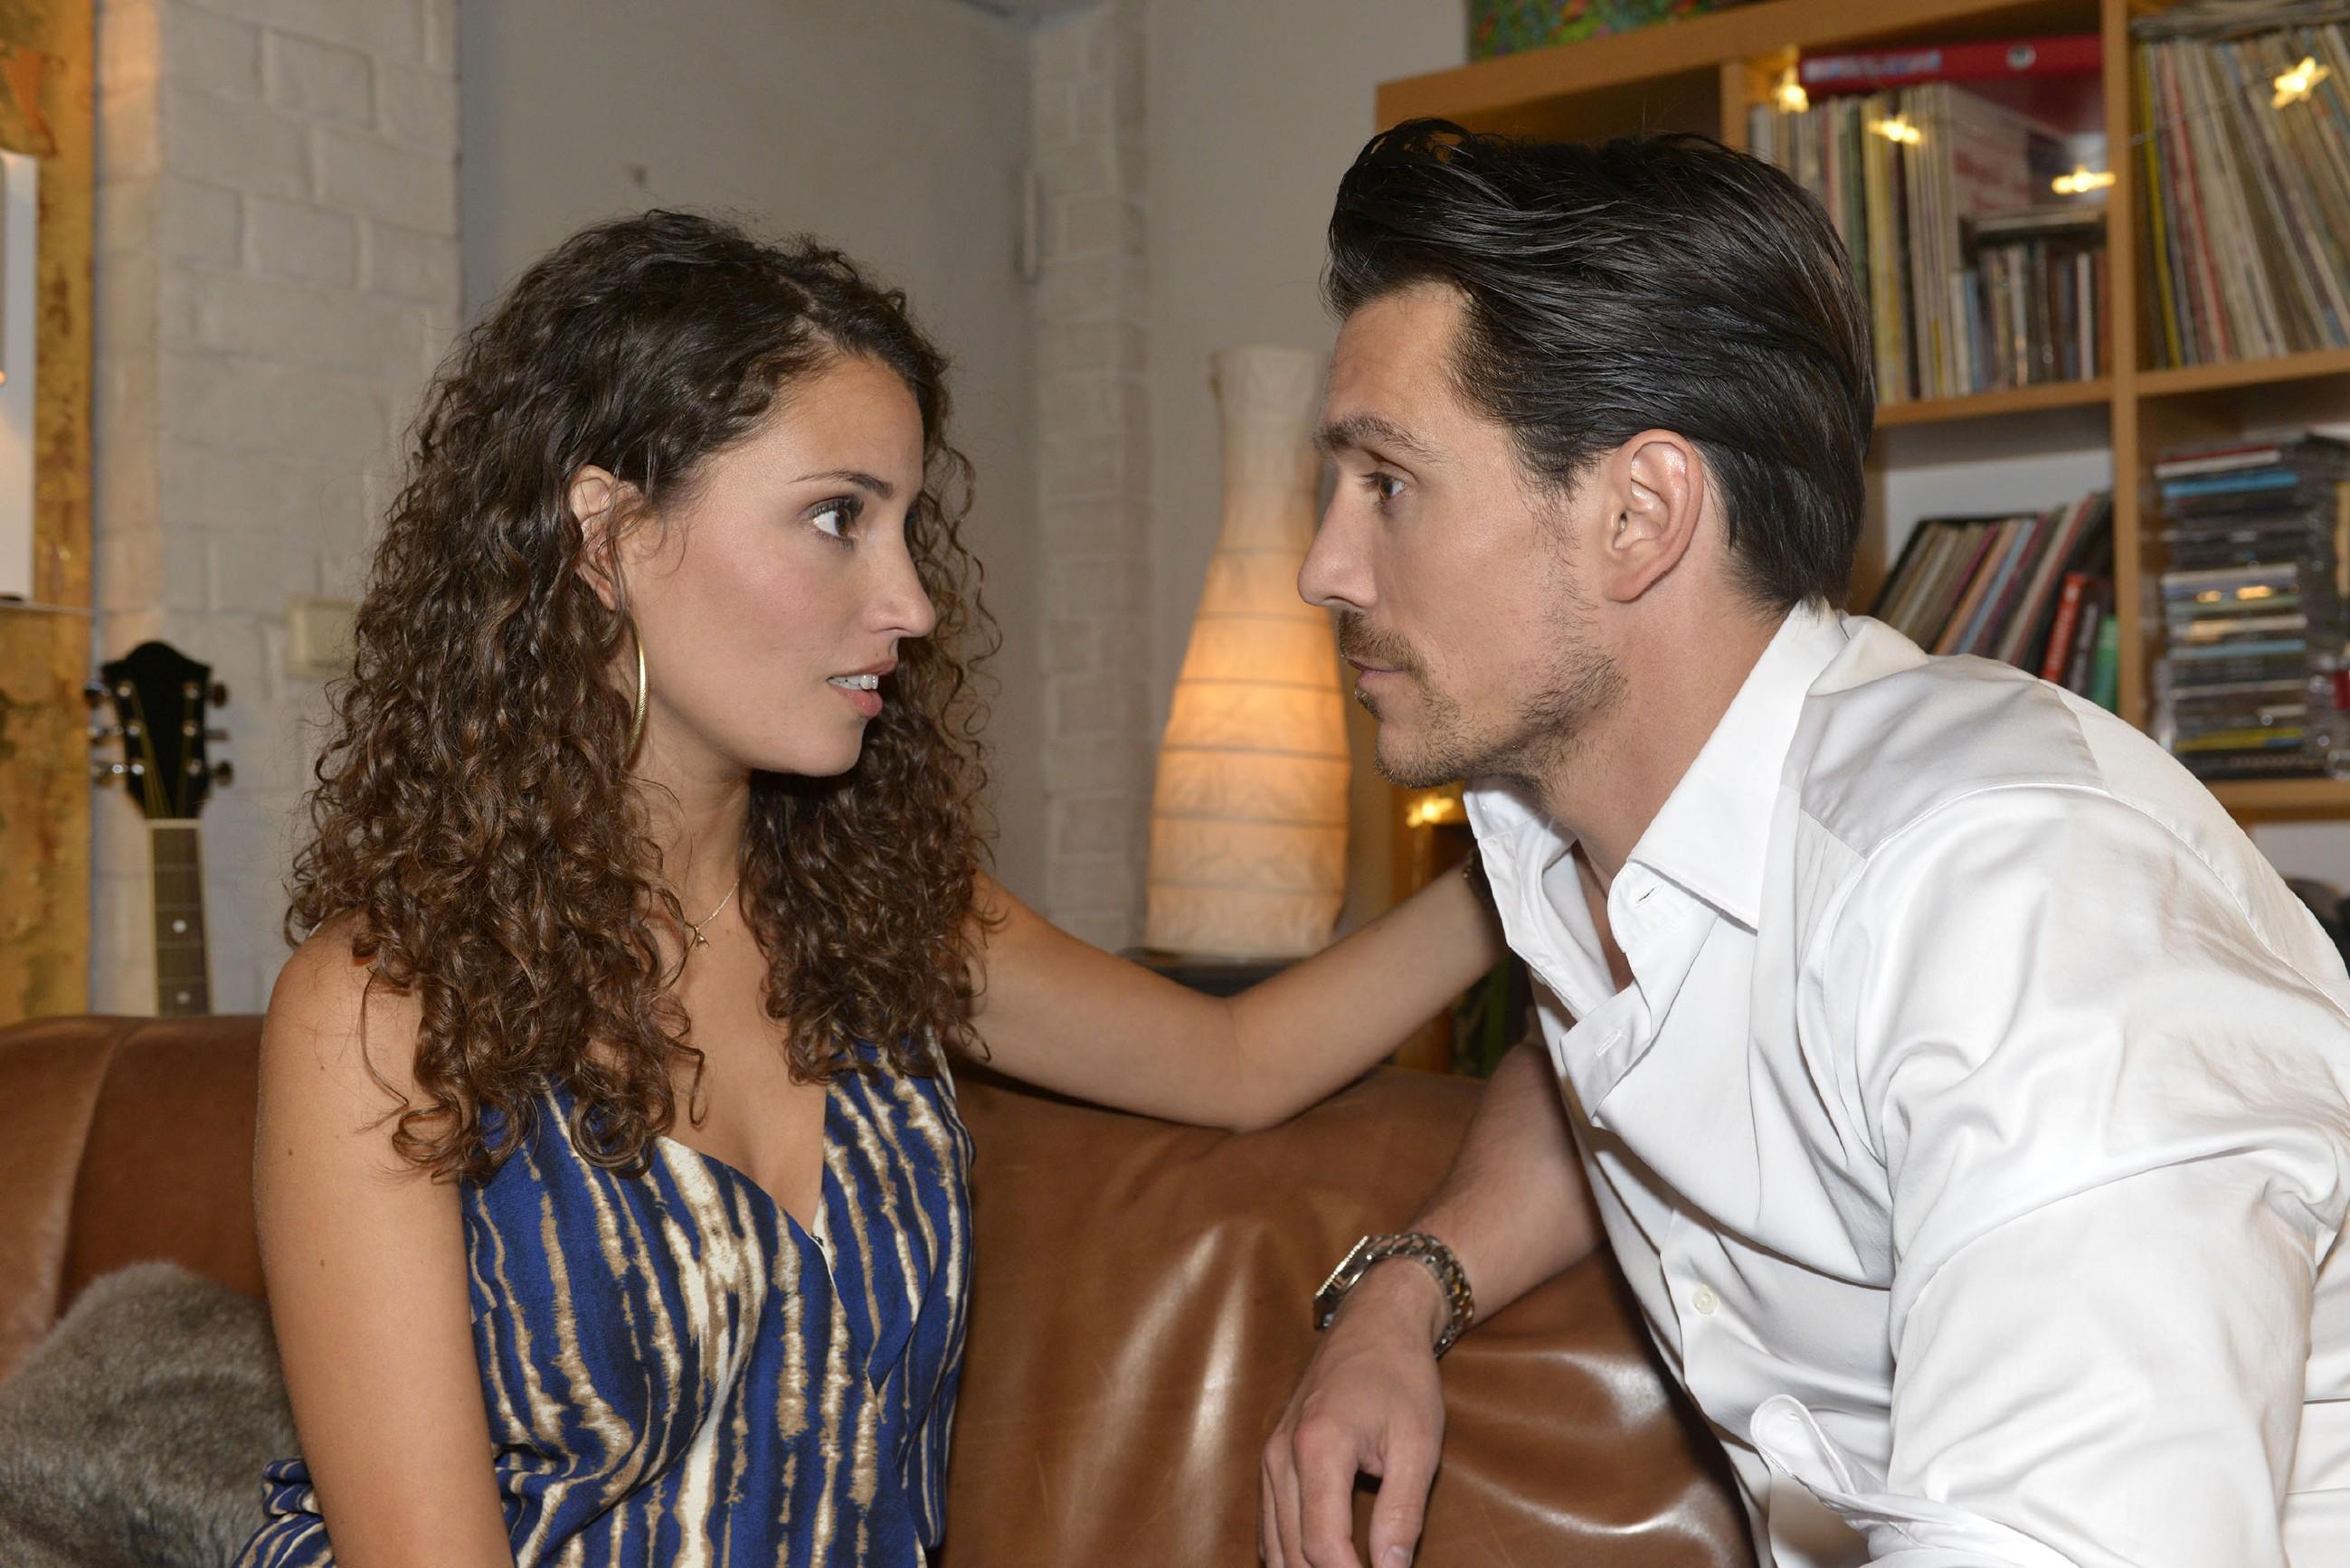 David (Philipp Christopher) ist nicht sonderlich begeistert, dass sich Ayla (Nadine Menz) mit van Cluven treffen will.